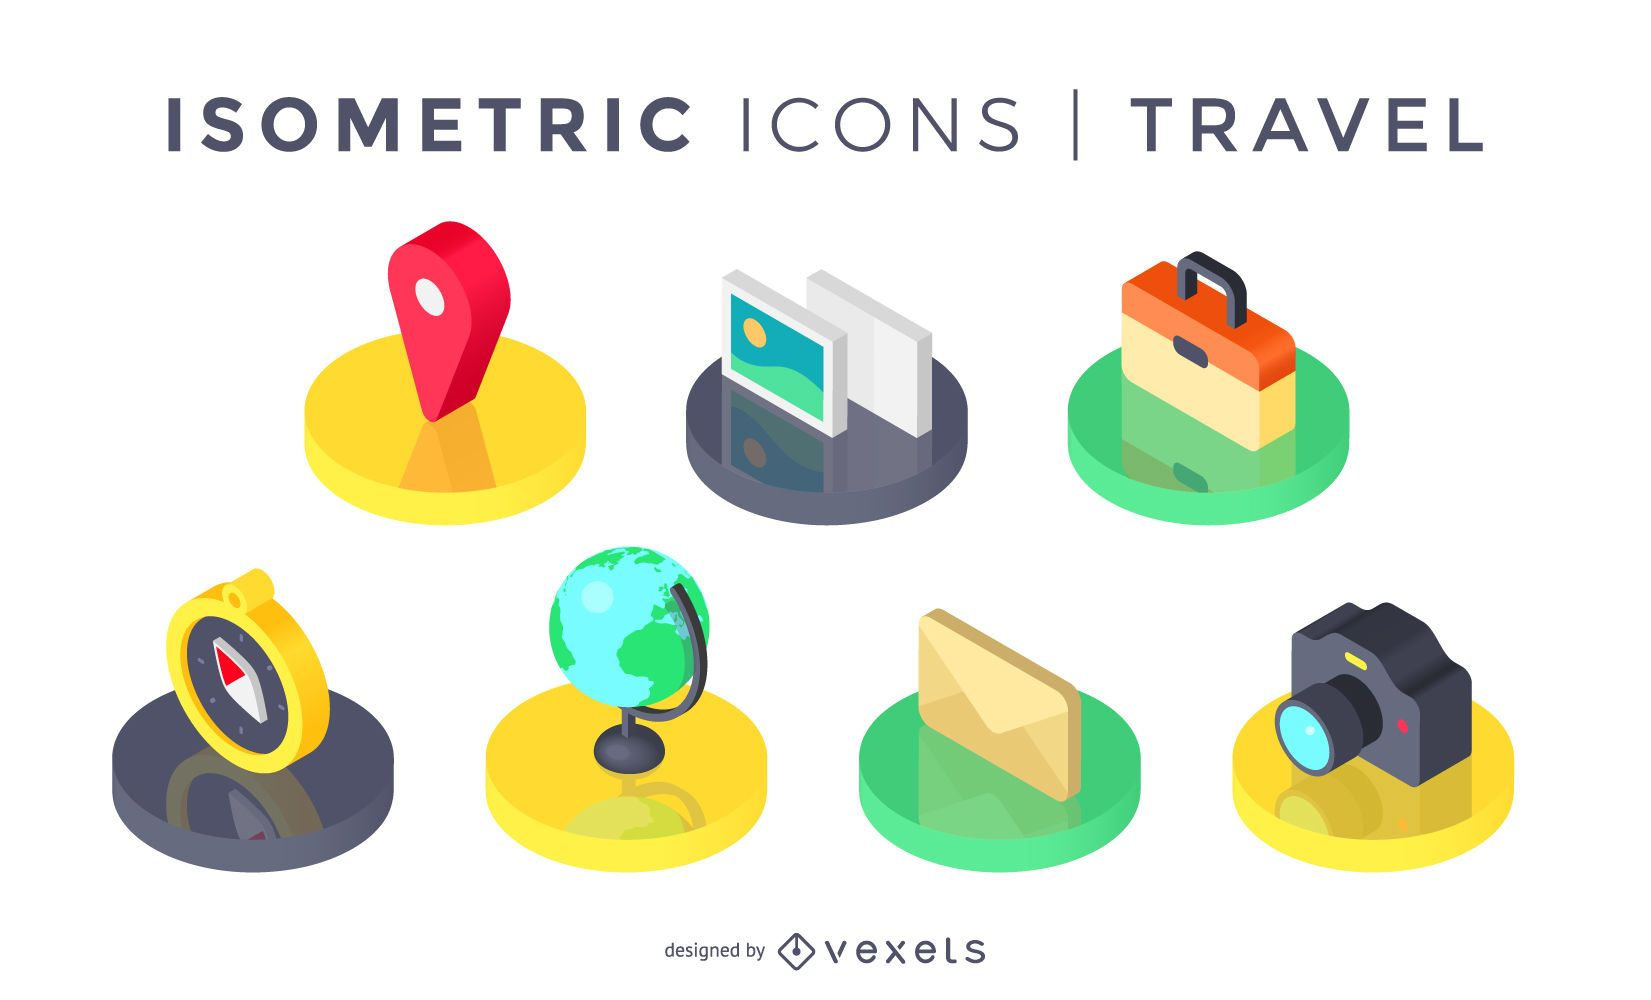 Isometric travel icons set